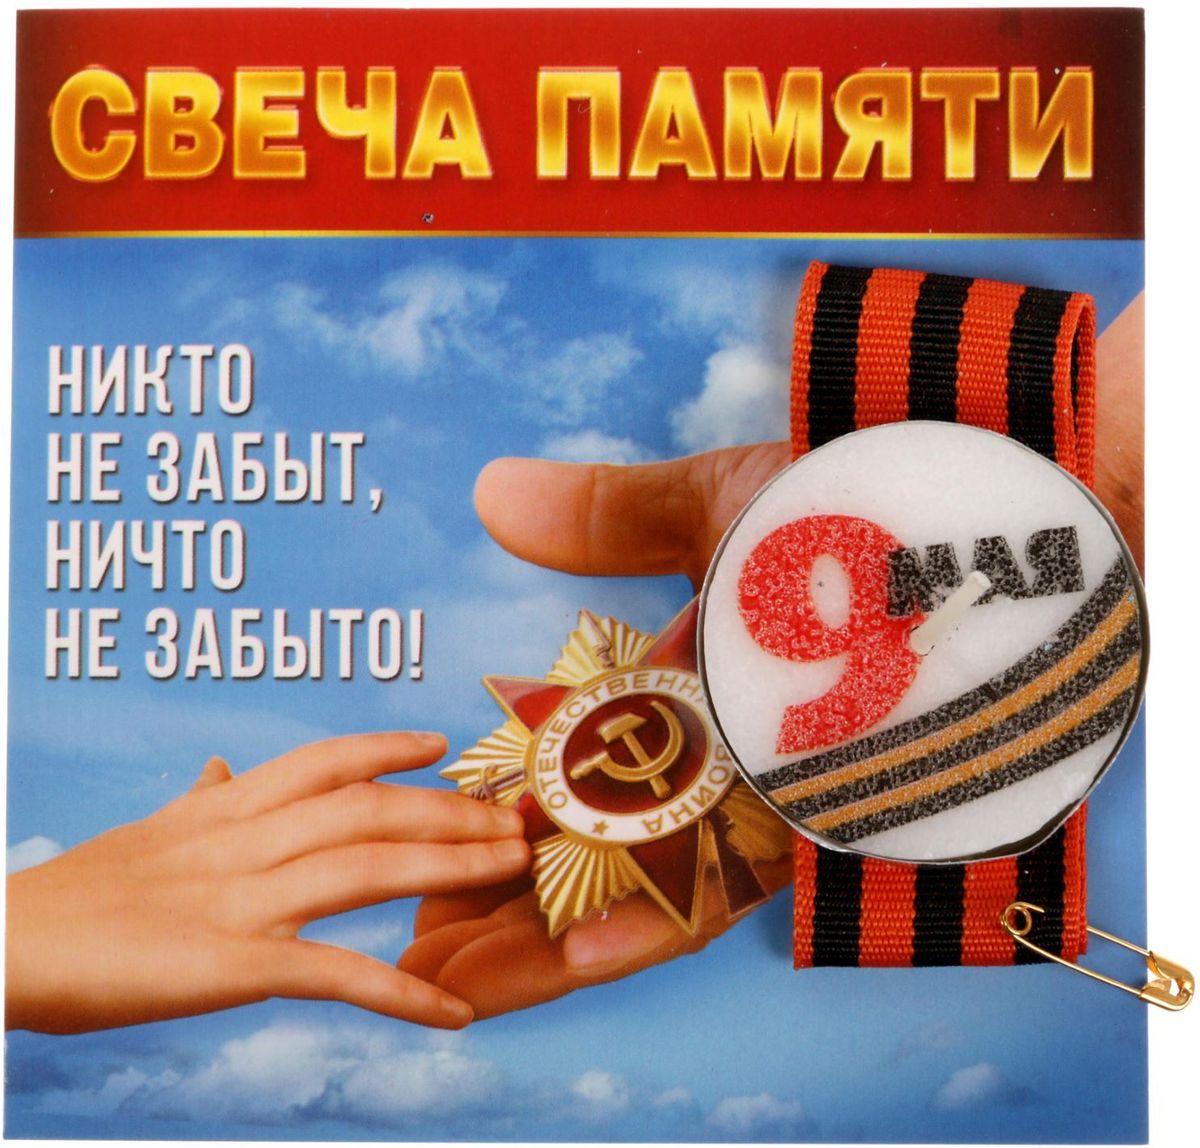 Свеча Sima-land 9 Мая. Никто не забыт, ничто не забыто, с лентой1682890Ежегодно 9 Мая в каждом городе России проходит акция, во время которой люди зажигают огоньки и замирают в минуте молчания возле мест воинской славы, у мемориалов и памятников. Каждый может присоединиться: зажечь свечу в память о погибших за Великую Победу и приколоть на грудь её символ - георгиевскую ленту.